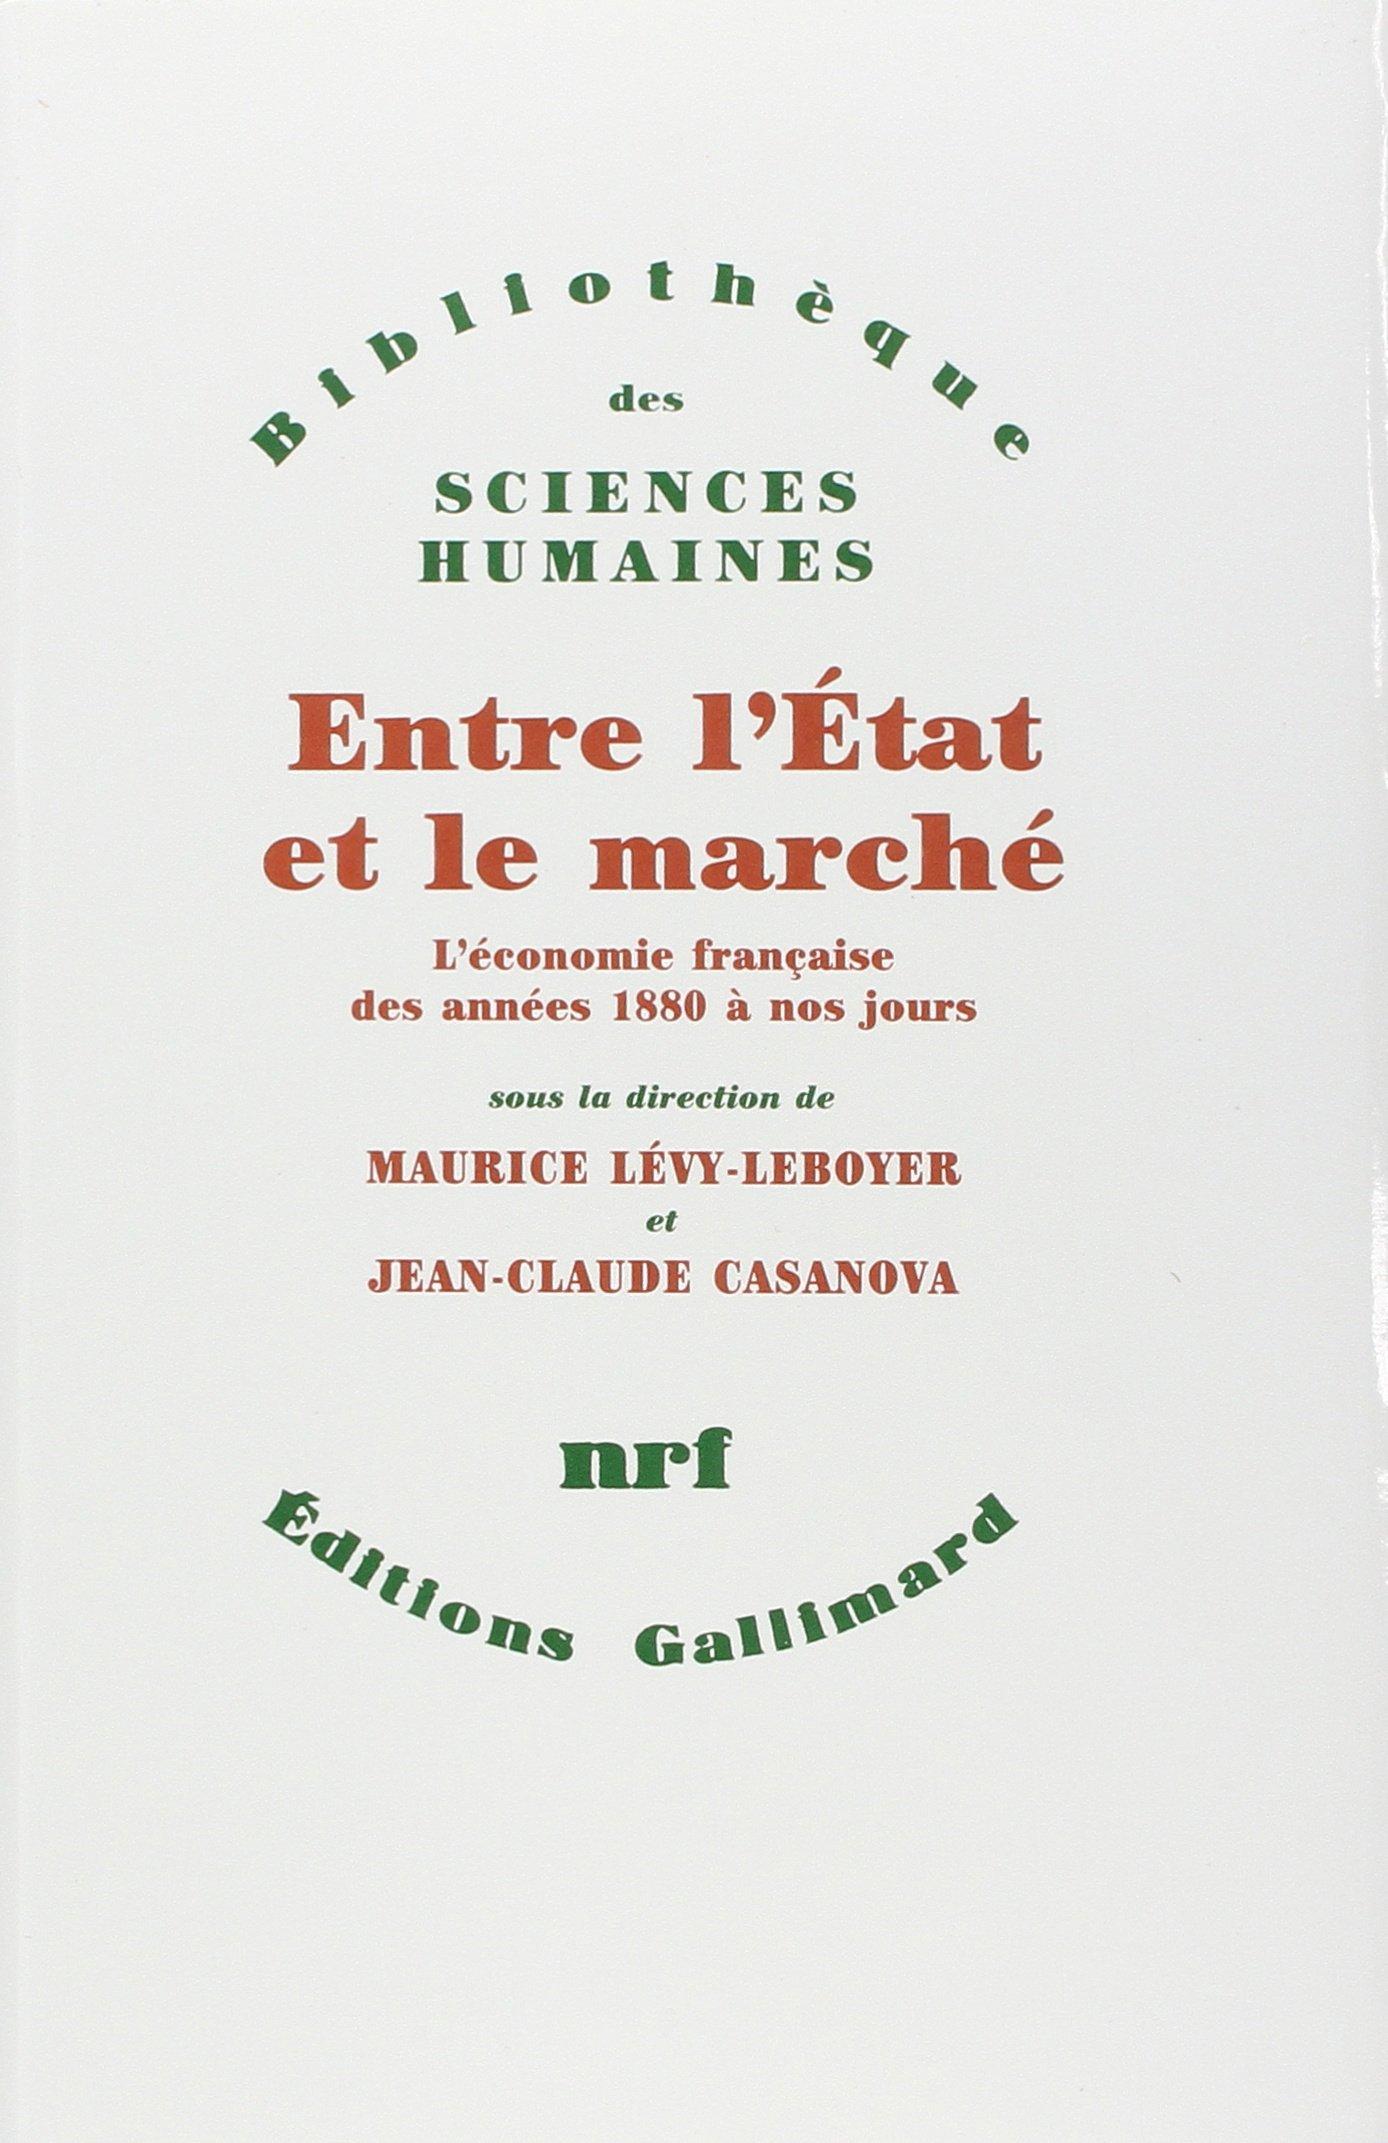 Entre l'Etat et le marché. L'économie française des années 1880 à nos jours Broché – 13 novembre 1991 Collectif Gallimard 207072137X TL207072137X